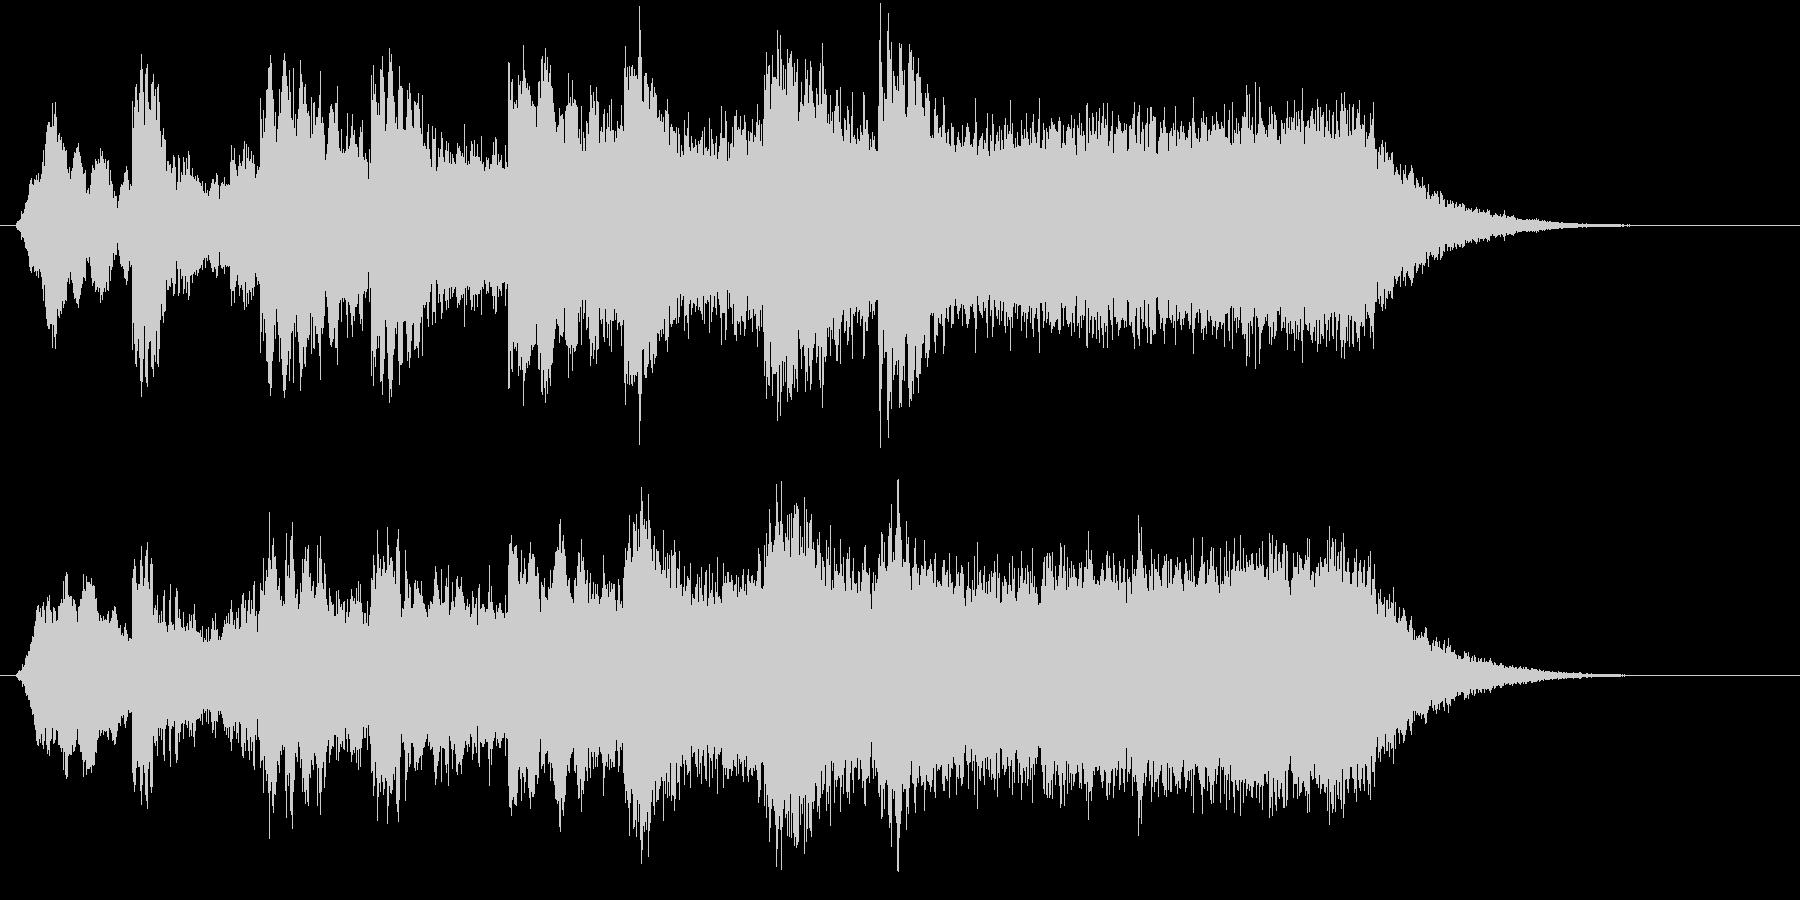 人の声(うわさ声、トラウマ、緊張)の未再生の波形